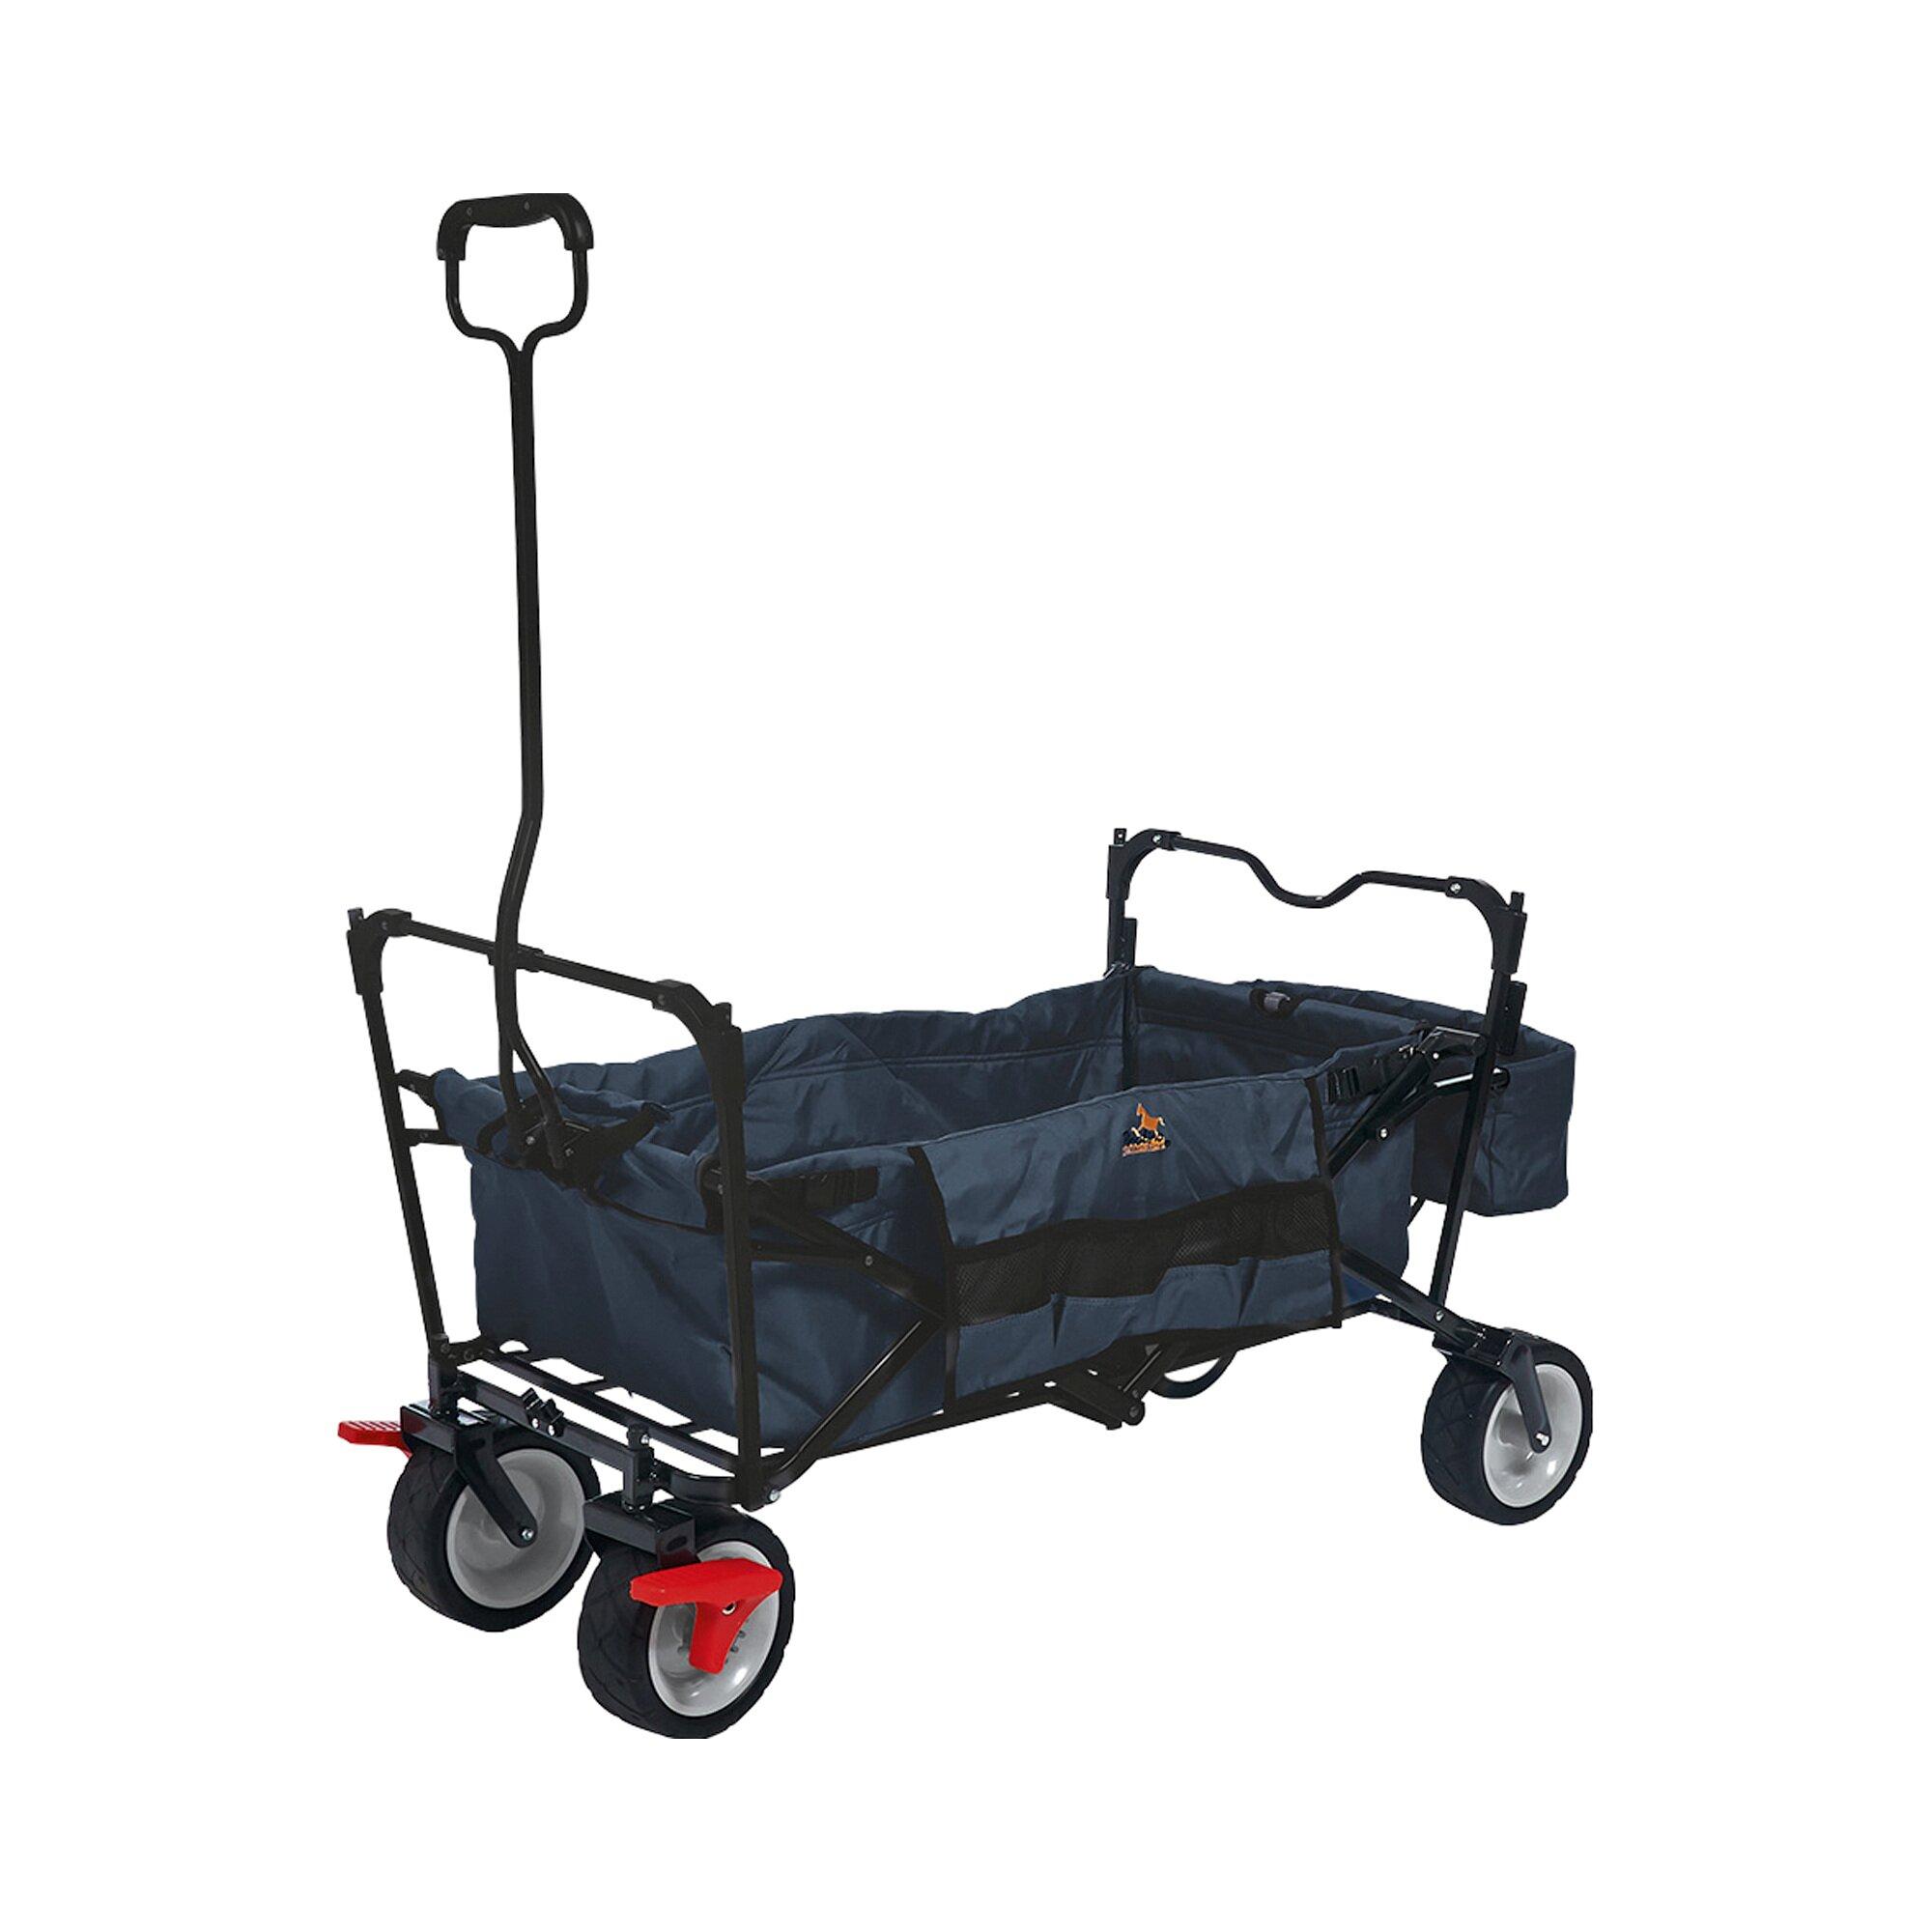 pinolino-klappbollerwagen-paxi-comfort-mit-bremse